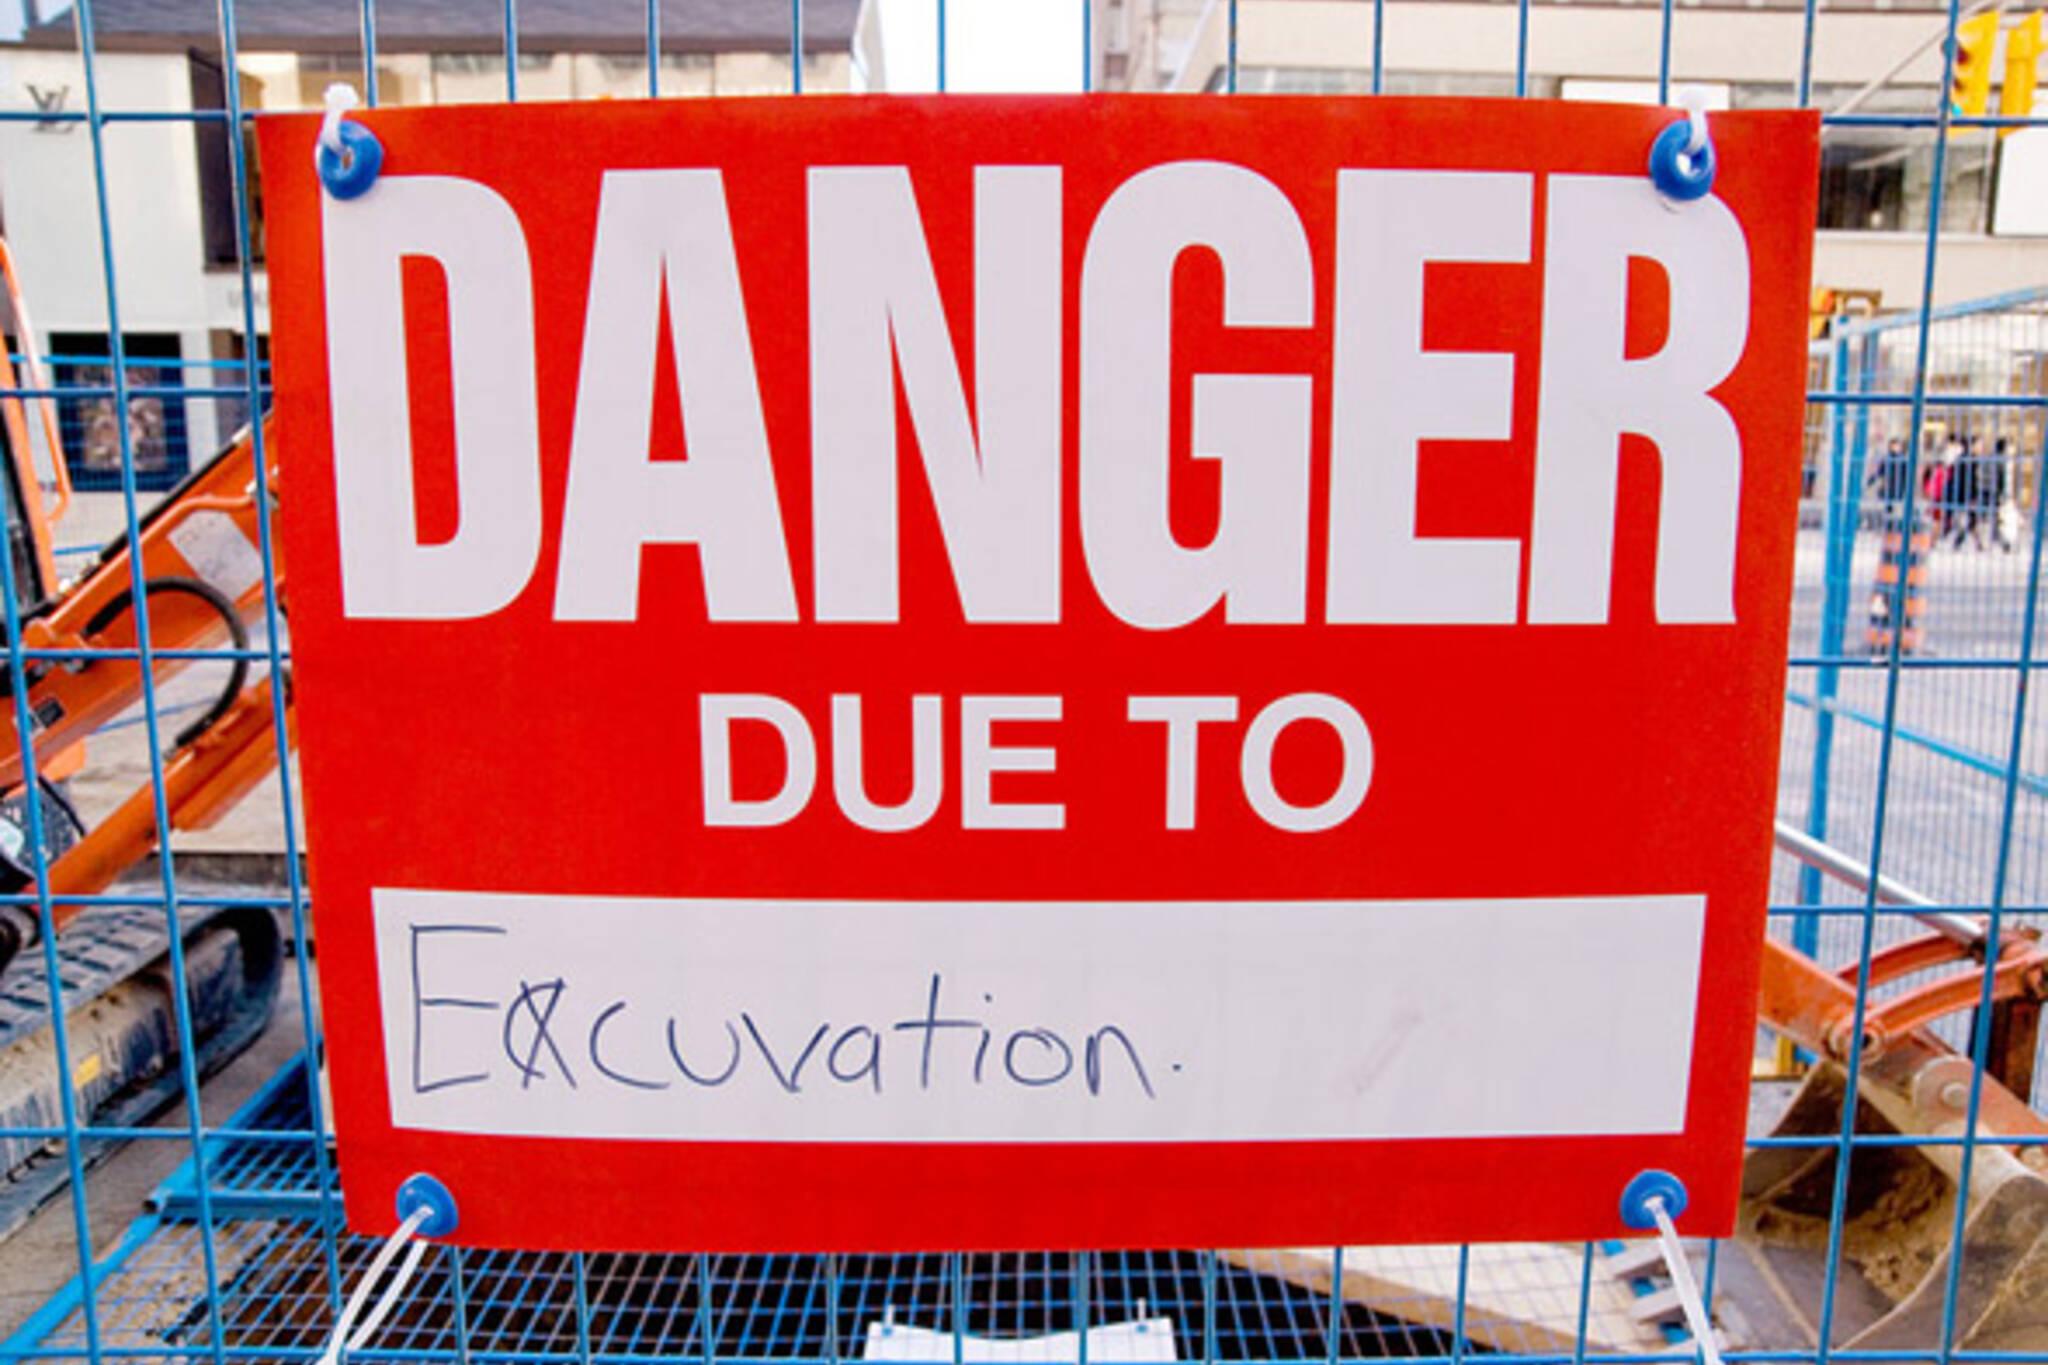 Danger Toronto